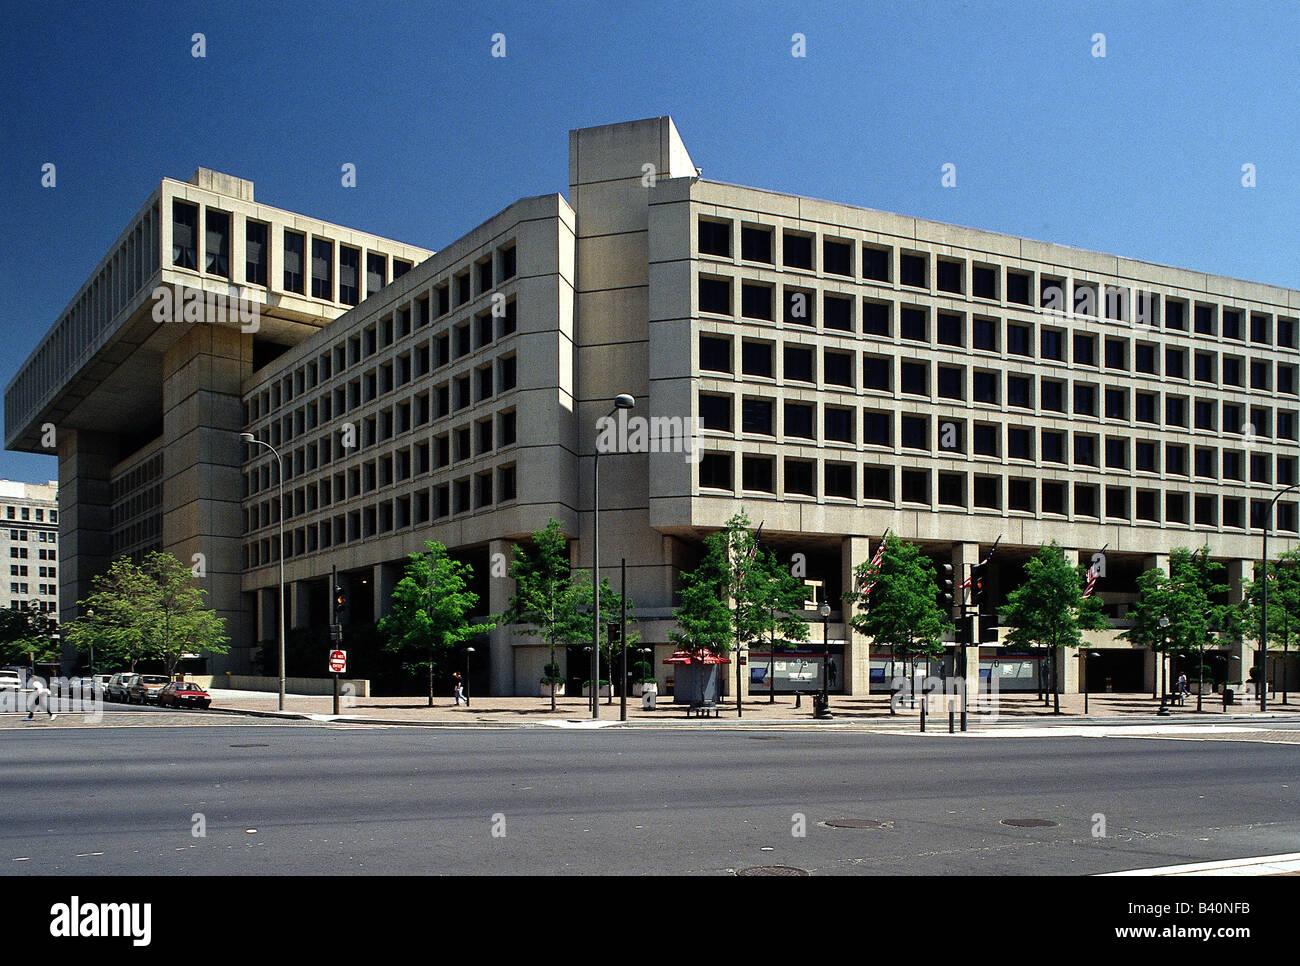 Geographie reisen usa washington dc behörden federal bureau